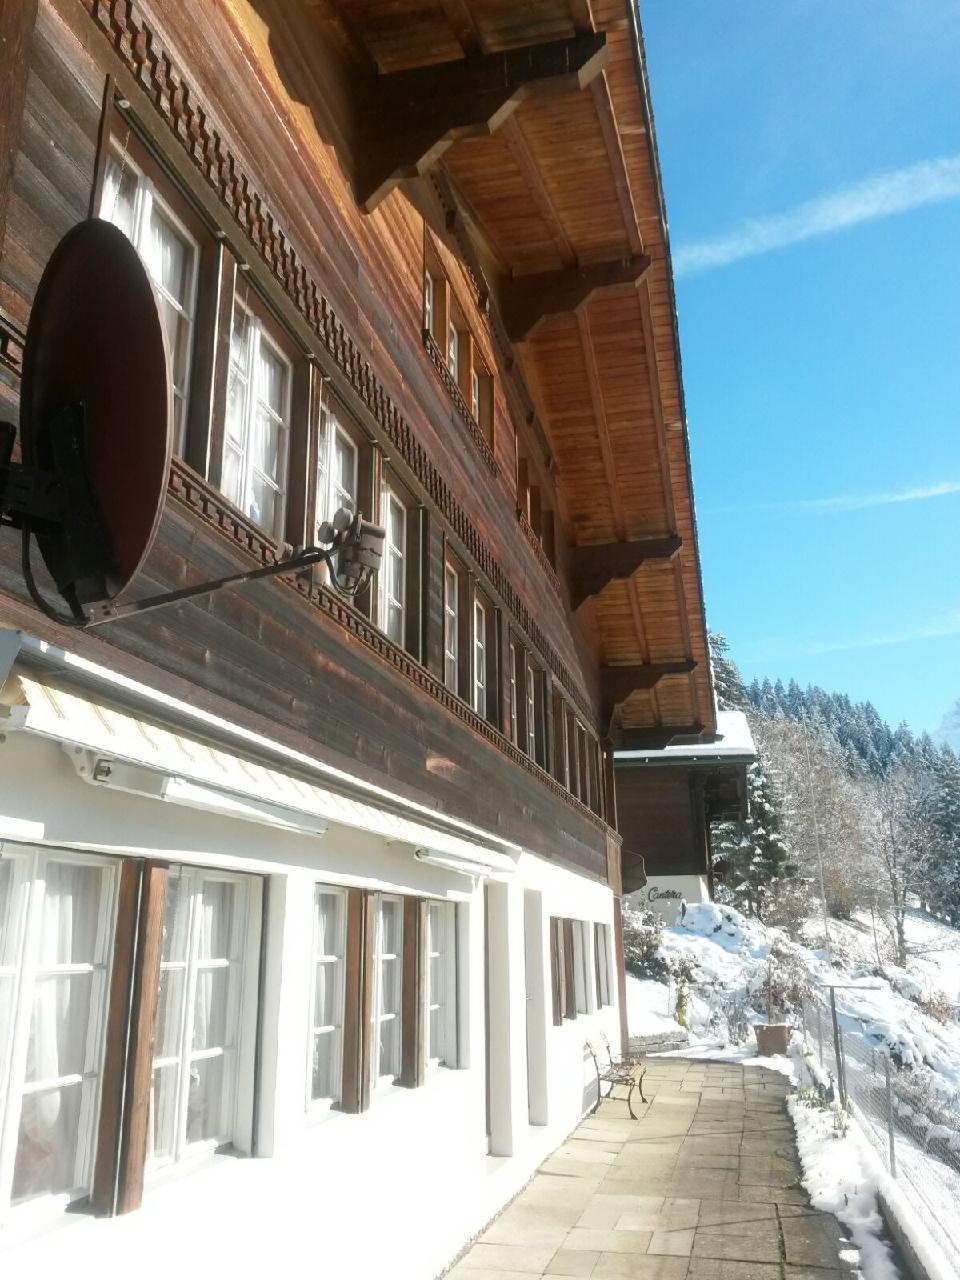 Ferienwohnung Chalet Domino 6-Bett -Wohnung (2350302), Lenk im Simmental, Simmental, Berner Oberland, Schweiz, Bild 2